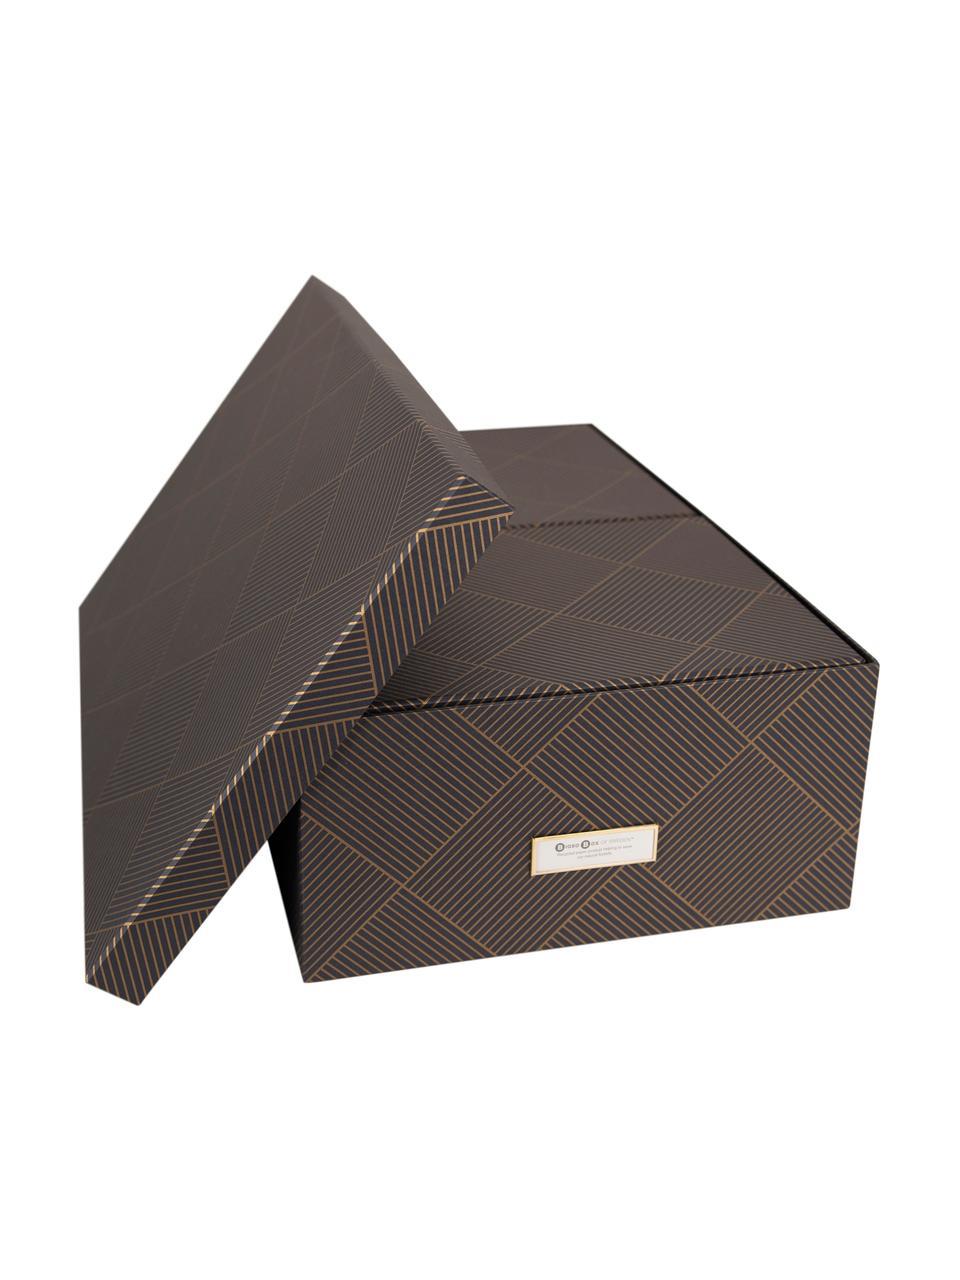 Boîte de rangement Inge, 3élém., Couleur dorée, gris foncé